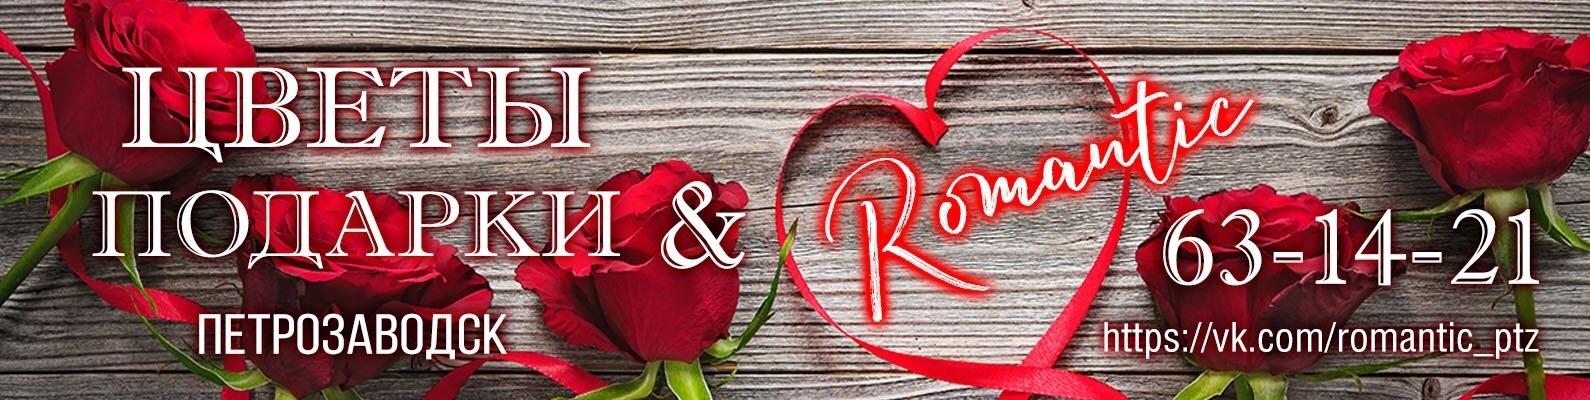 Магазины цветы петрозаводск адреса, интернет магазин растений распродажа